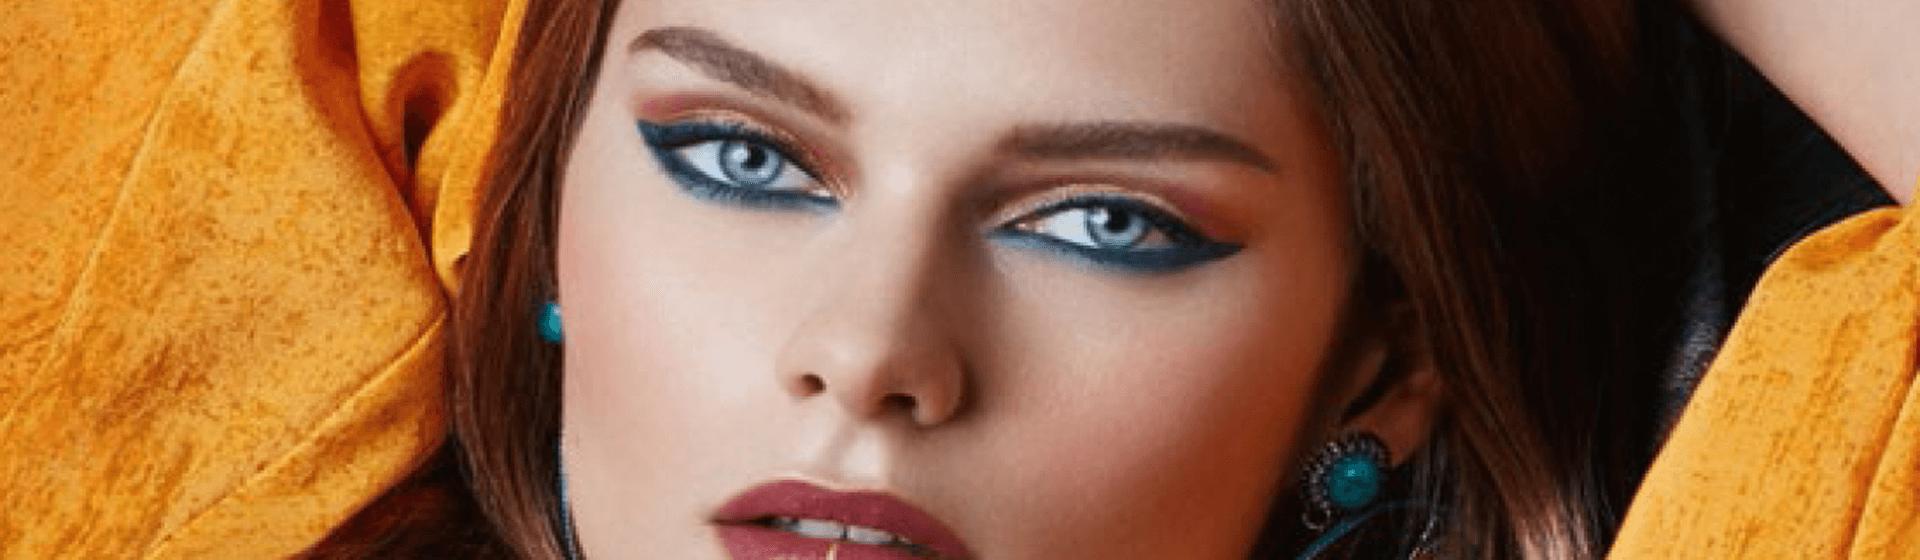 Gipsy eyes tutorial come realizzare un make,up da gitana